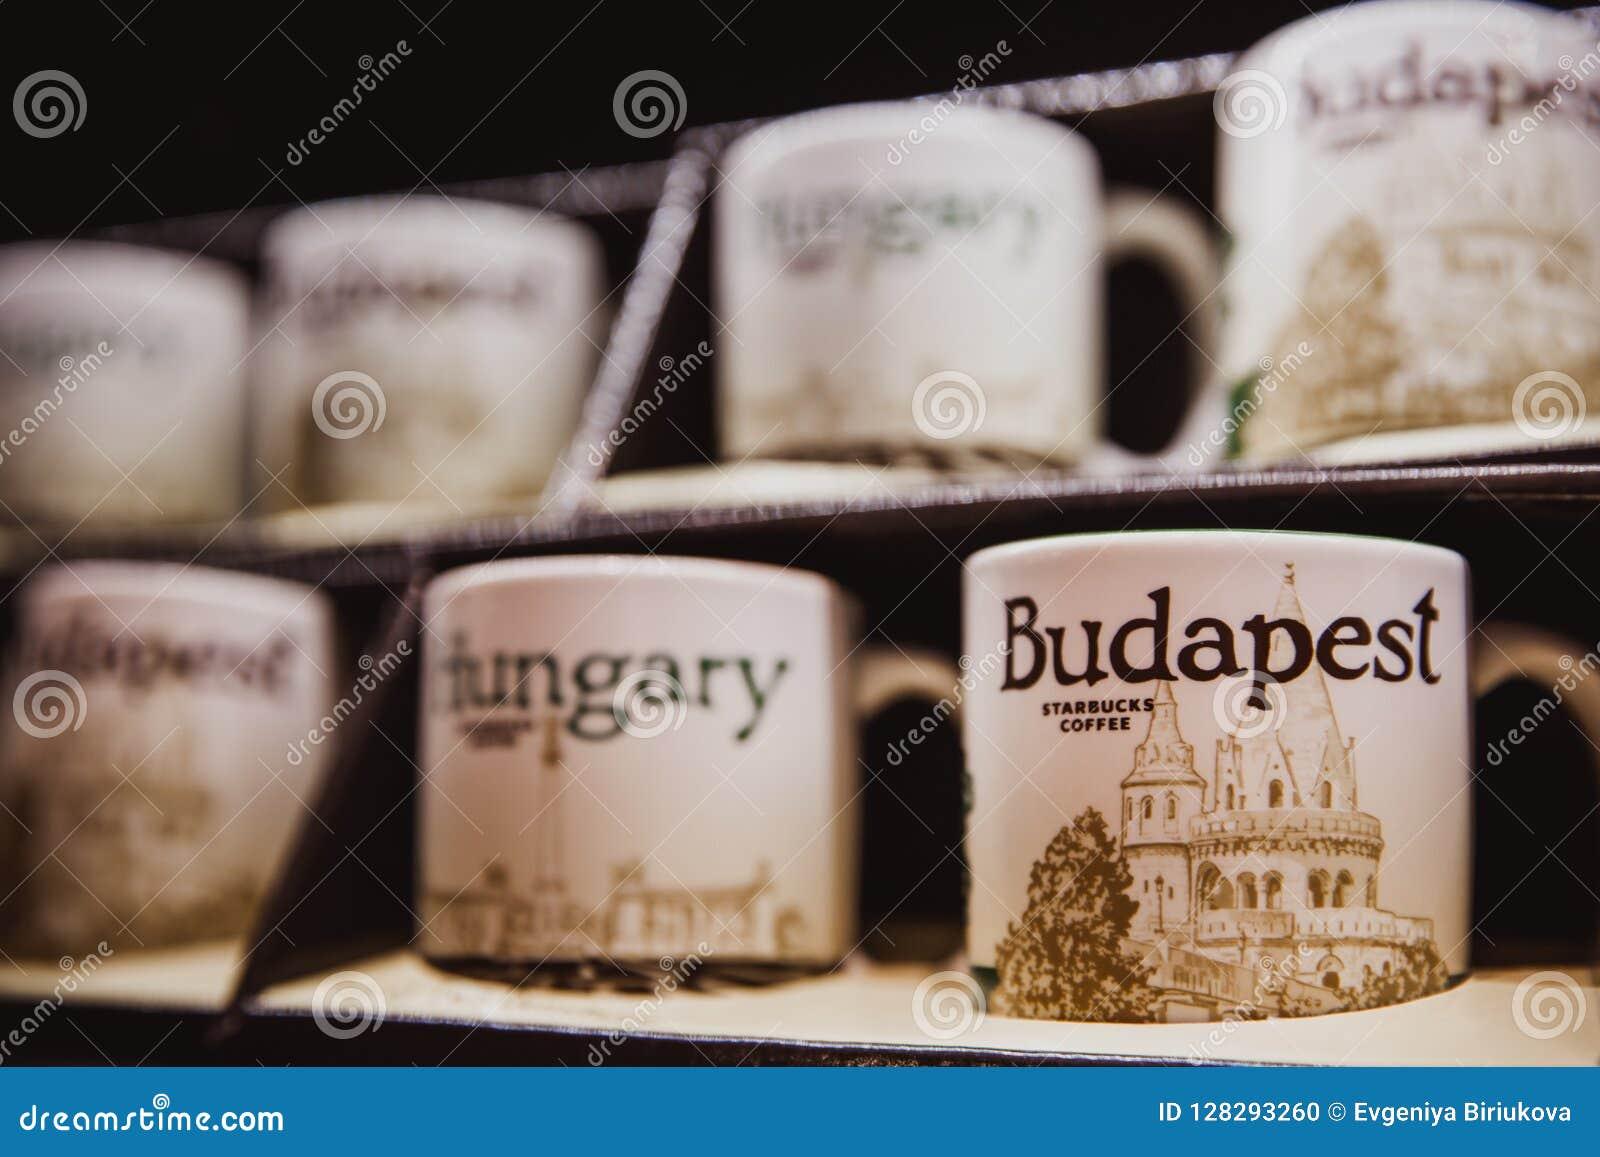 Budapest, Ungarn - 1. Januar 2018: Keramische Logoschale der Nahaufnahme von Starbucks Budapest im Shop in Starbucks-Café in Buda